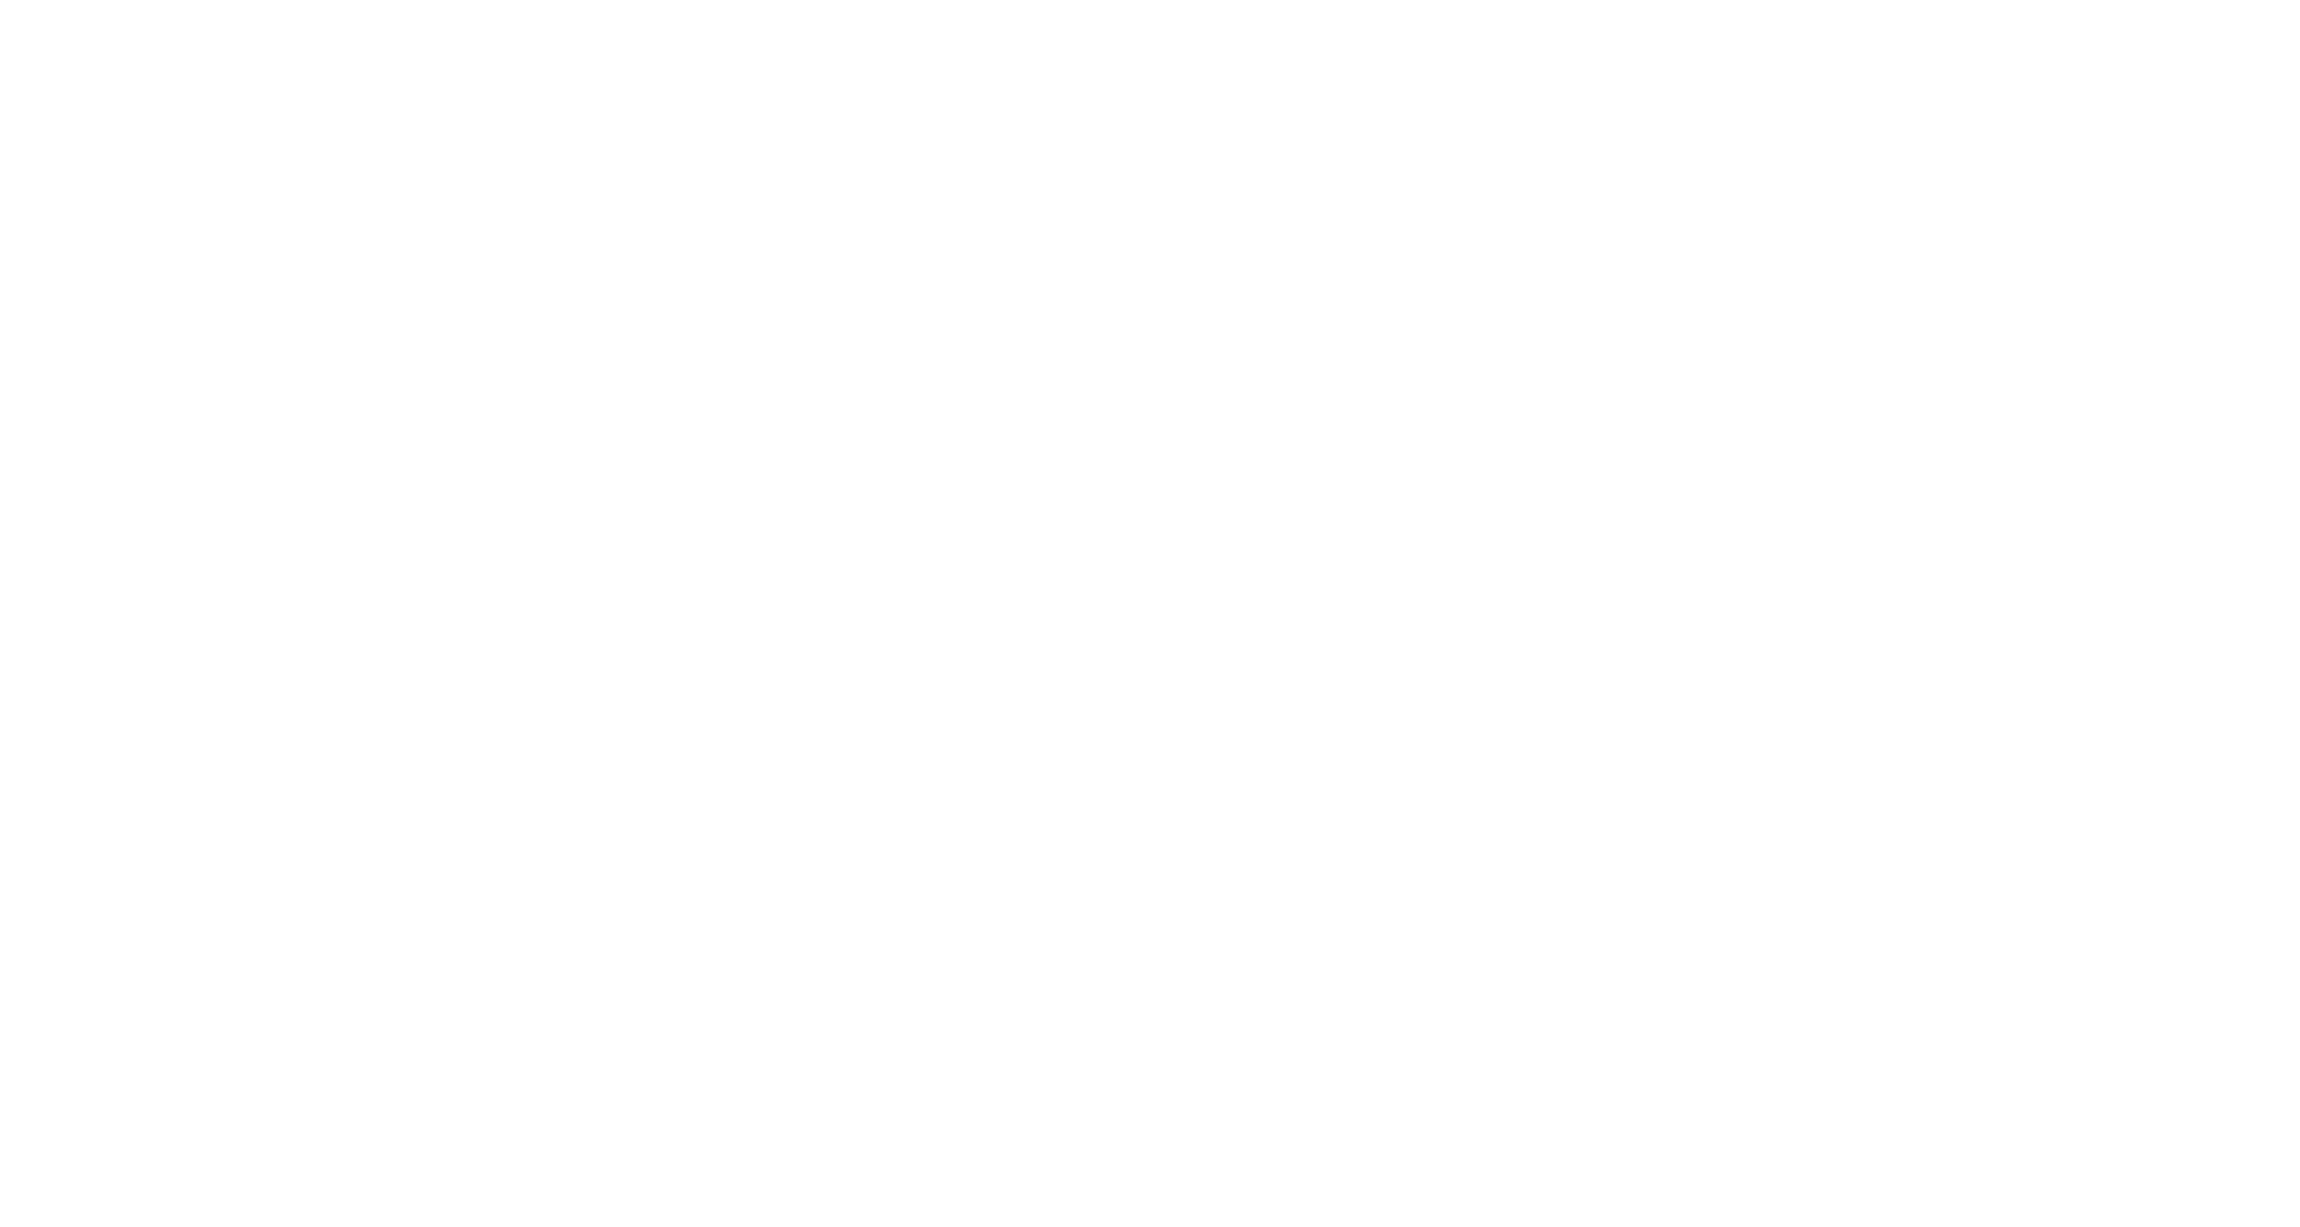 Máscara de imagen